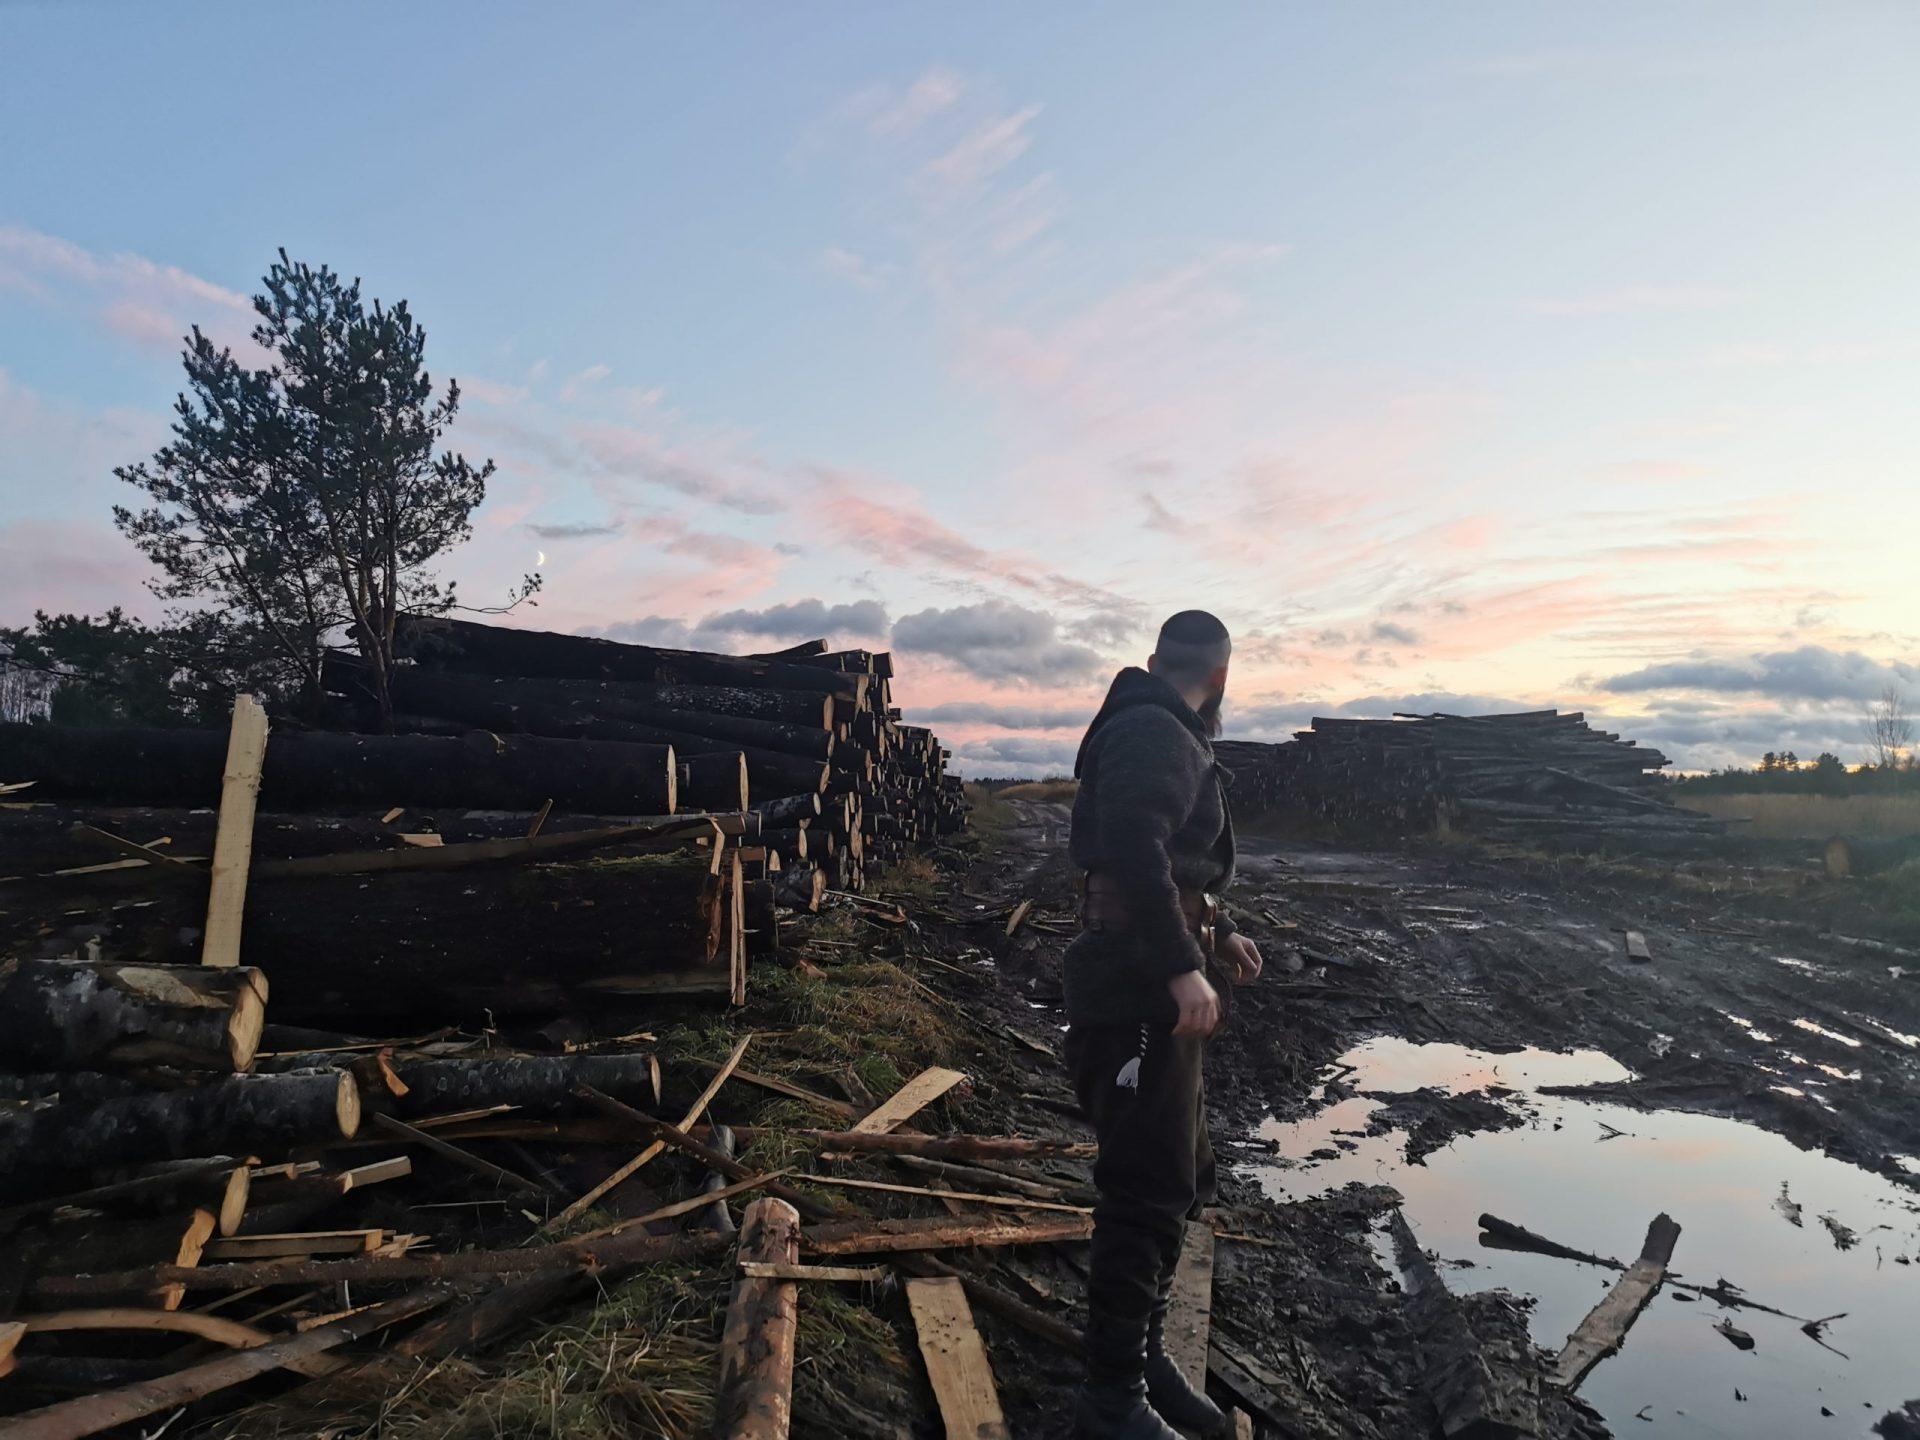 В Иркутской области задержаны члены ОПГ которые вывезли лес в Китай на 1 миллиард рублей